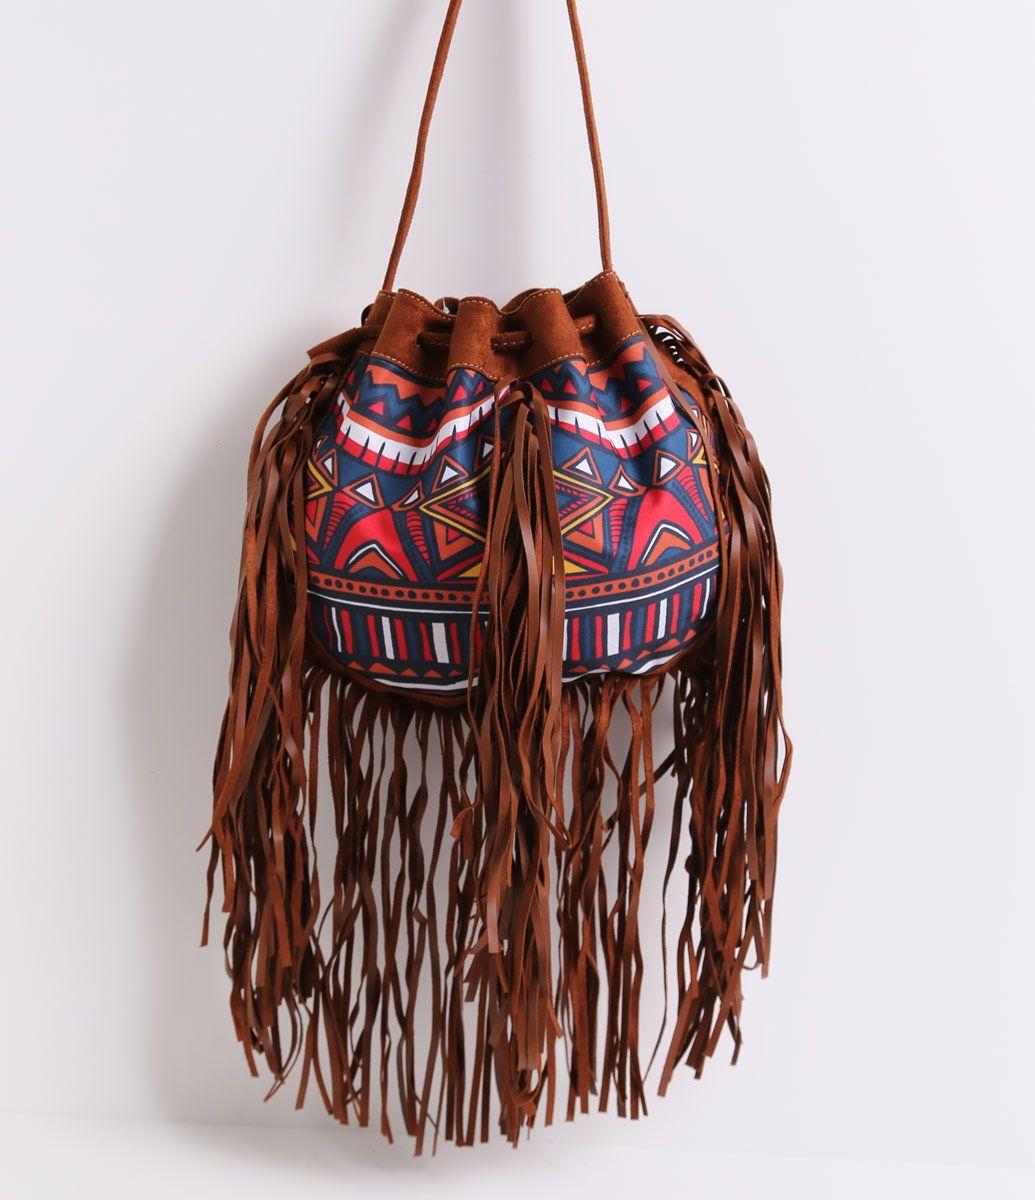 14fb42d81 Bolsa feminina modelo saco estampada com franjas | Bolsas ...